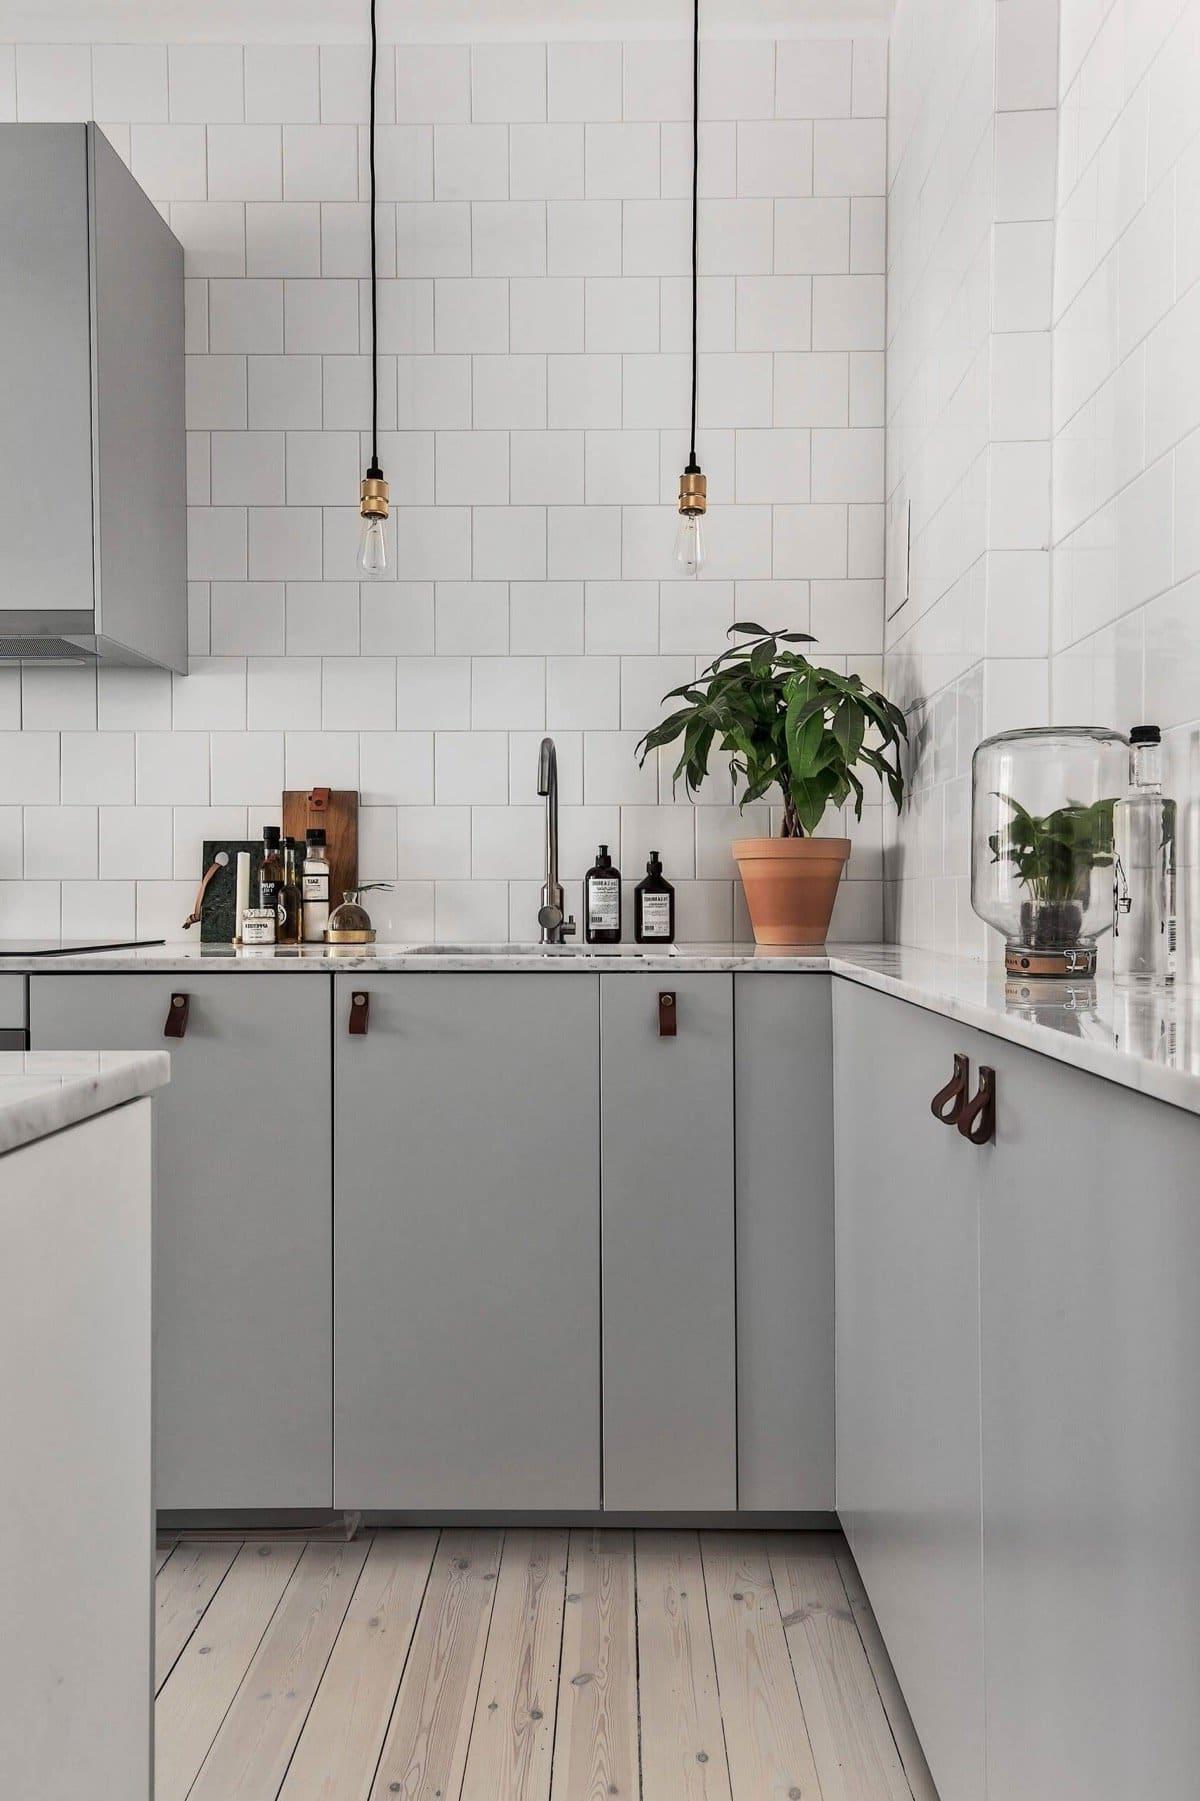 Скандинавская концепция светло-серого интерьера придётся по вкусу ценителям оригинального стиля, скромности и рационализма